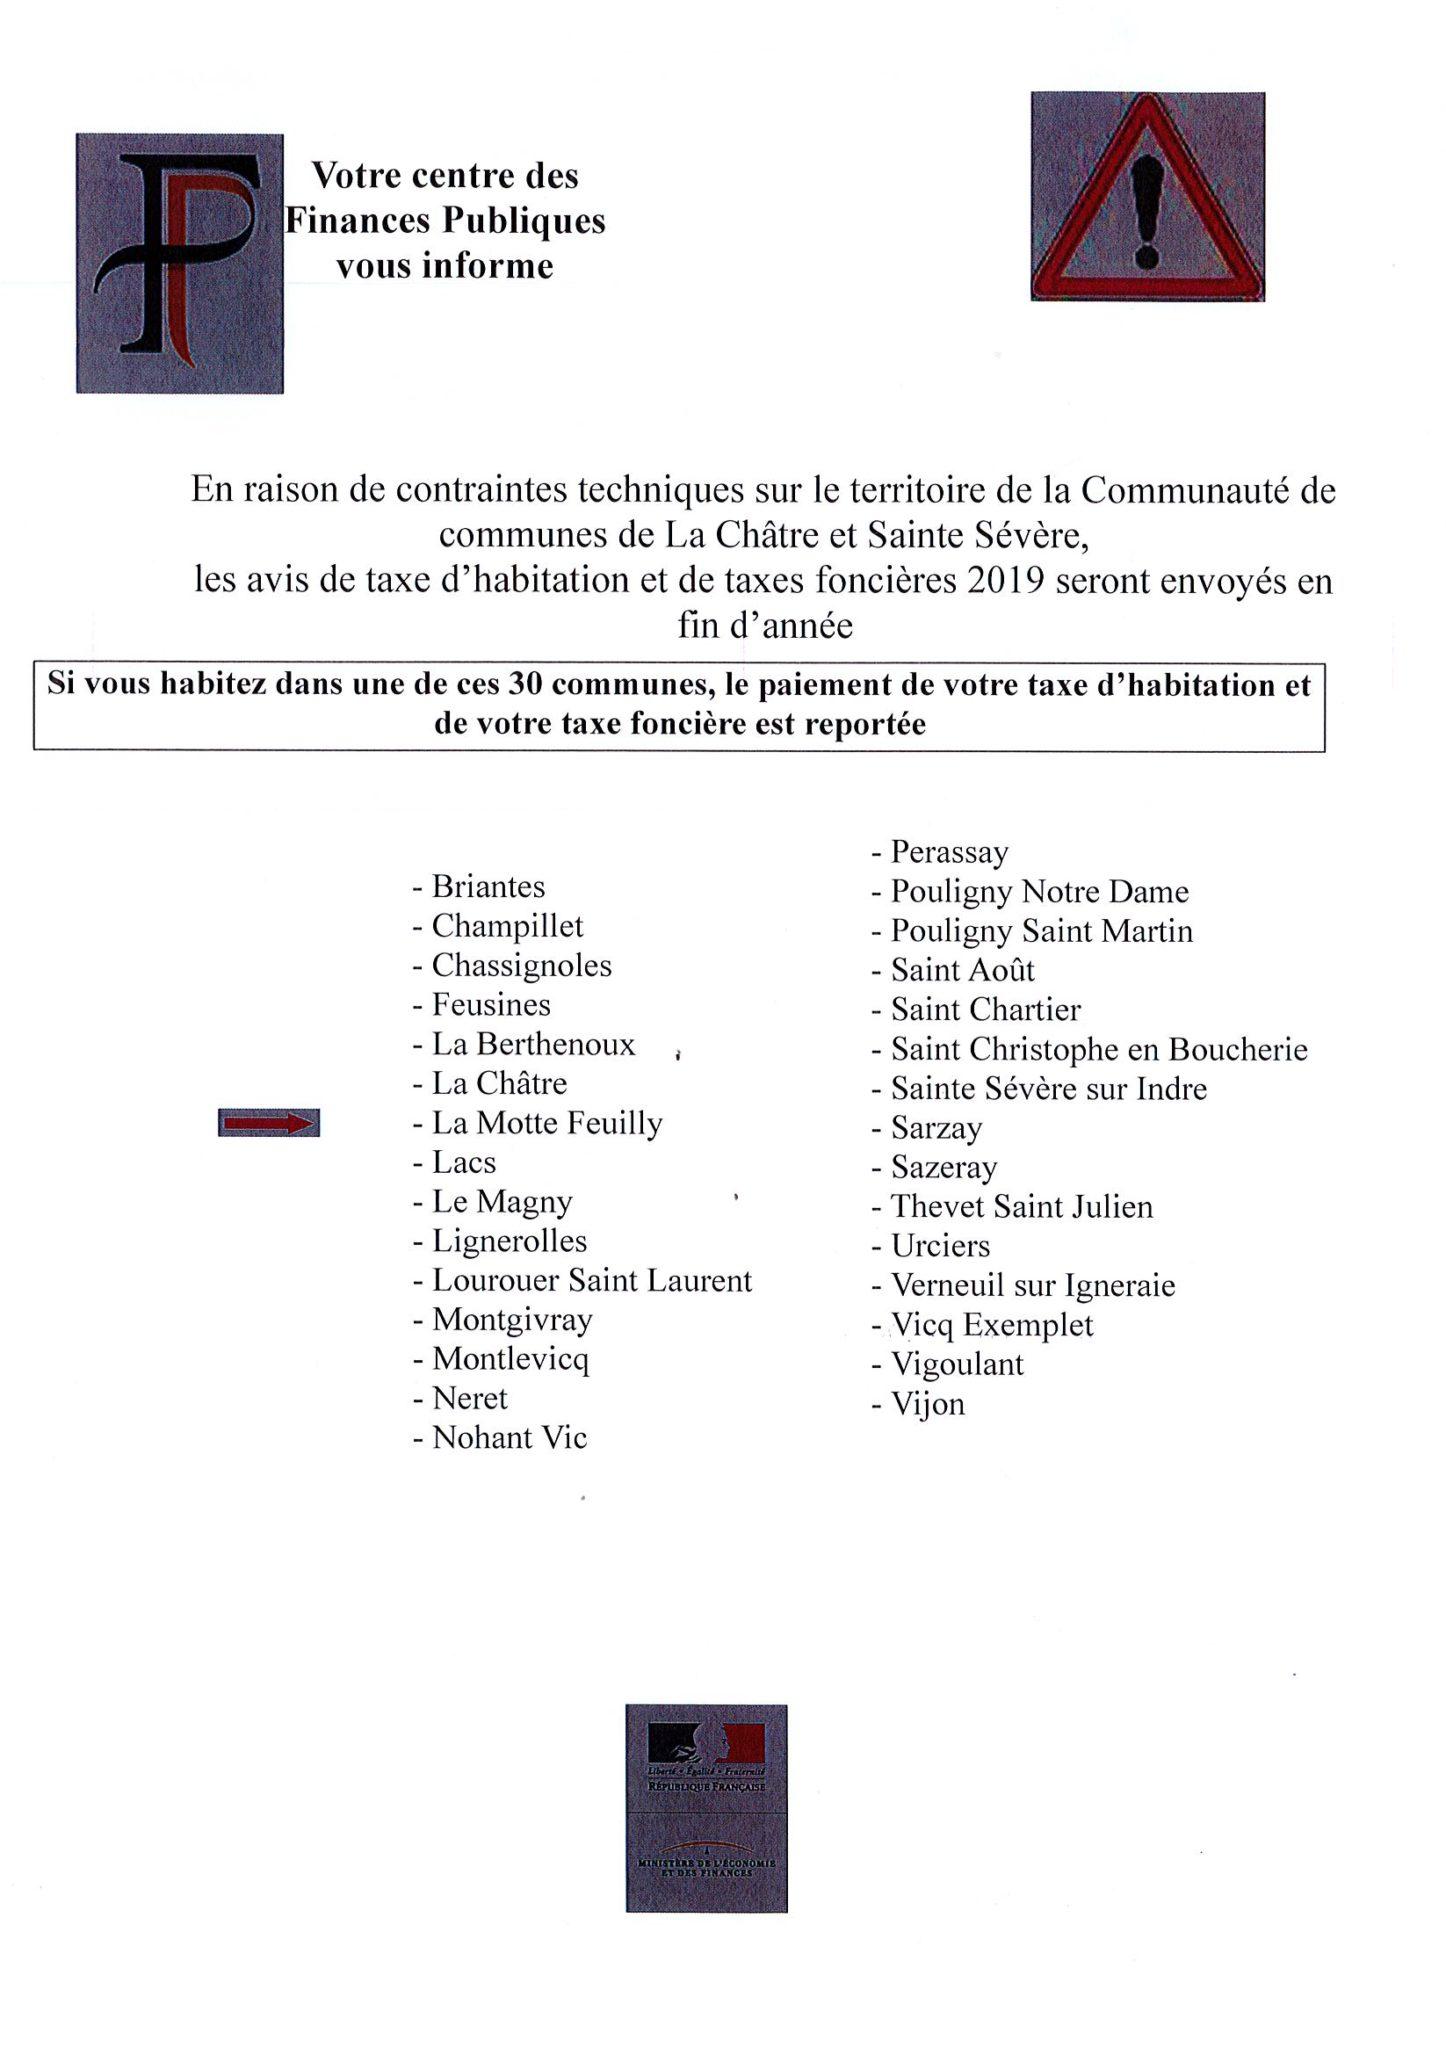 Le centre des finances publiques de La Châtre vous informe…